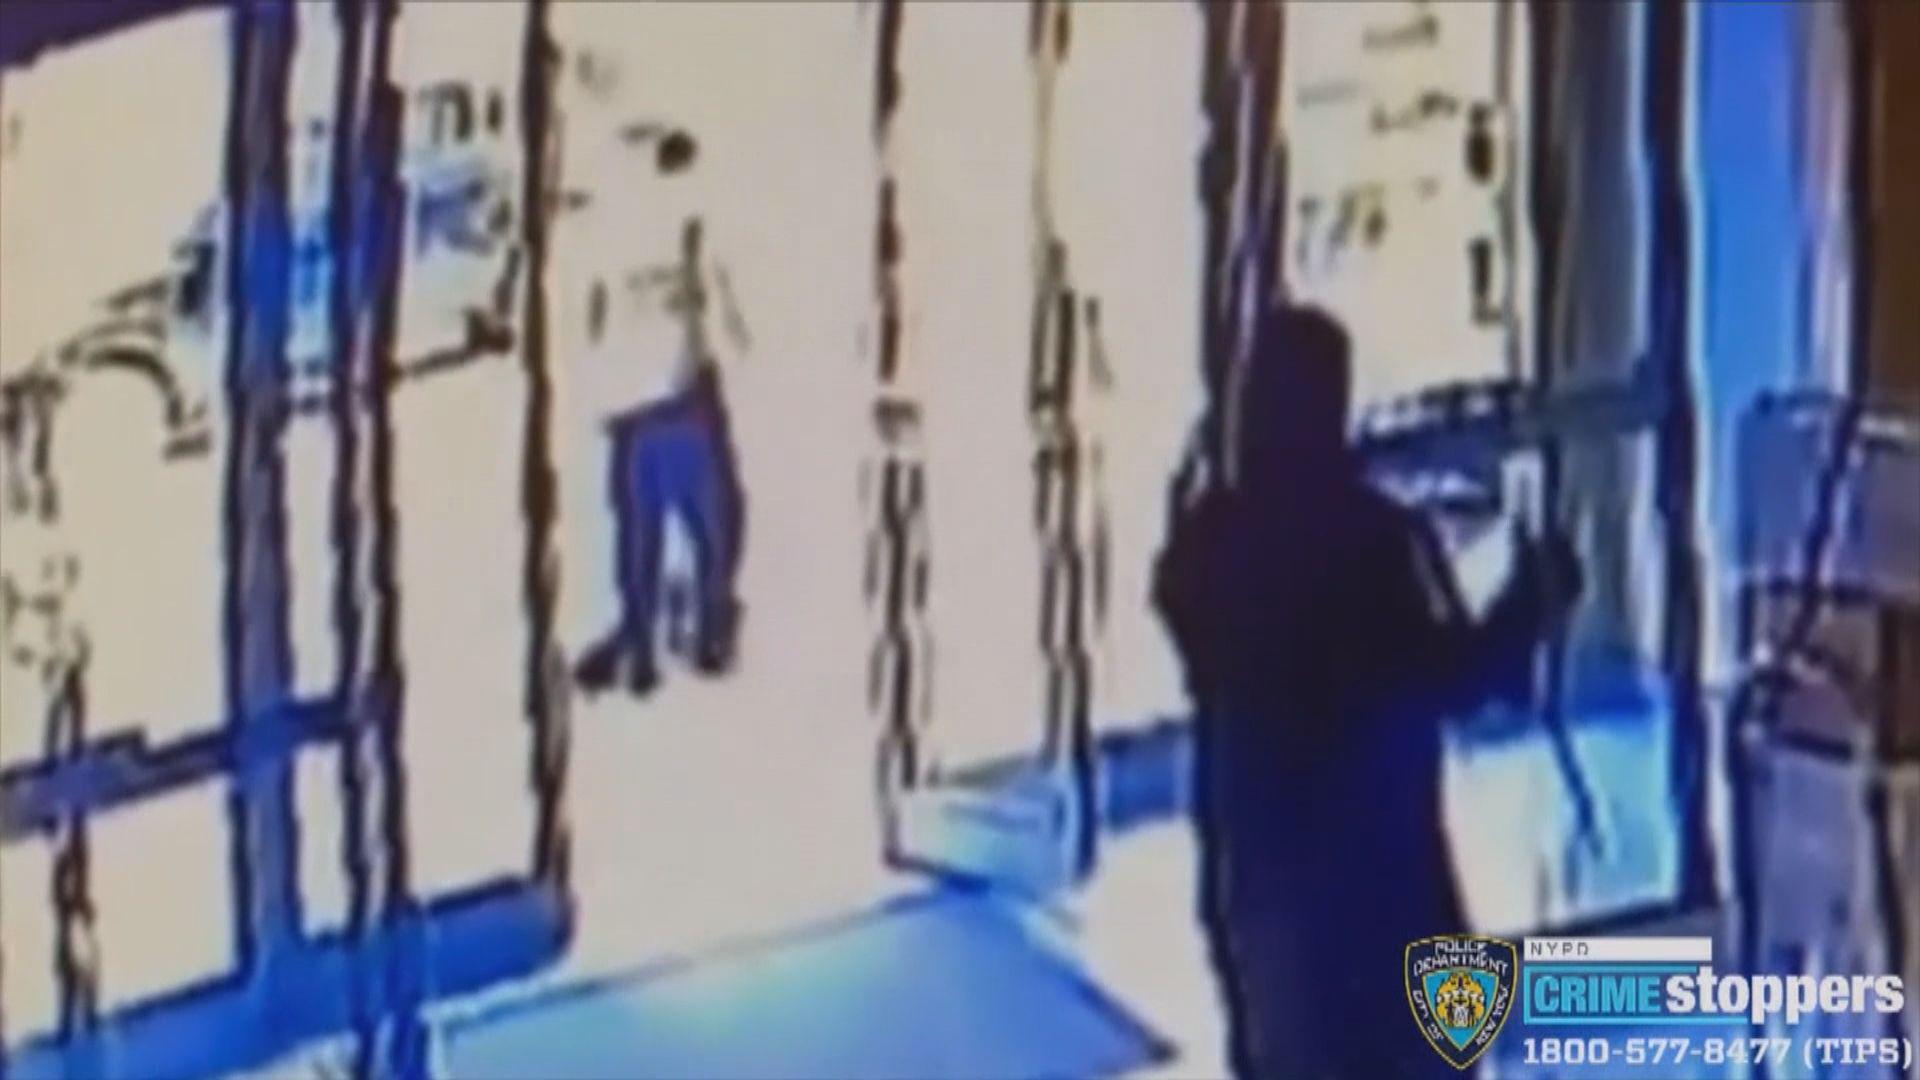 紐約一名亞裔女子遭人腳踢嚴重受傷